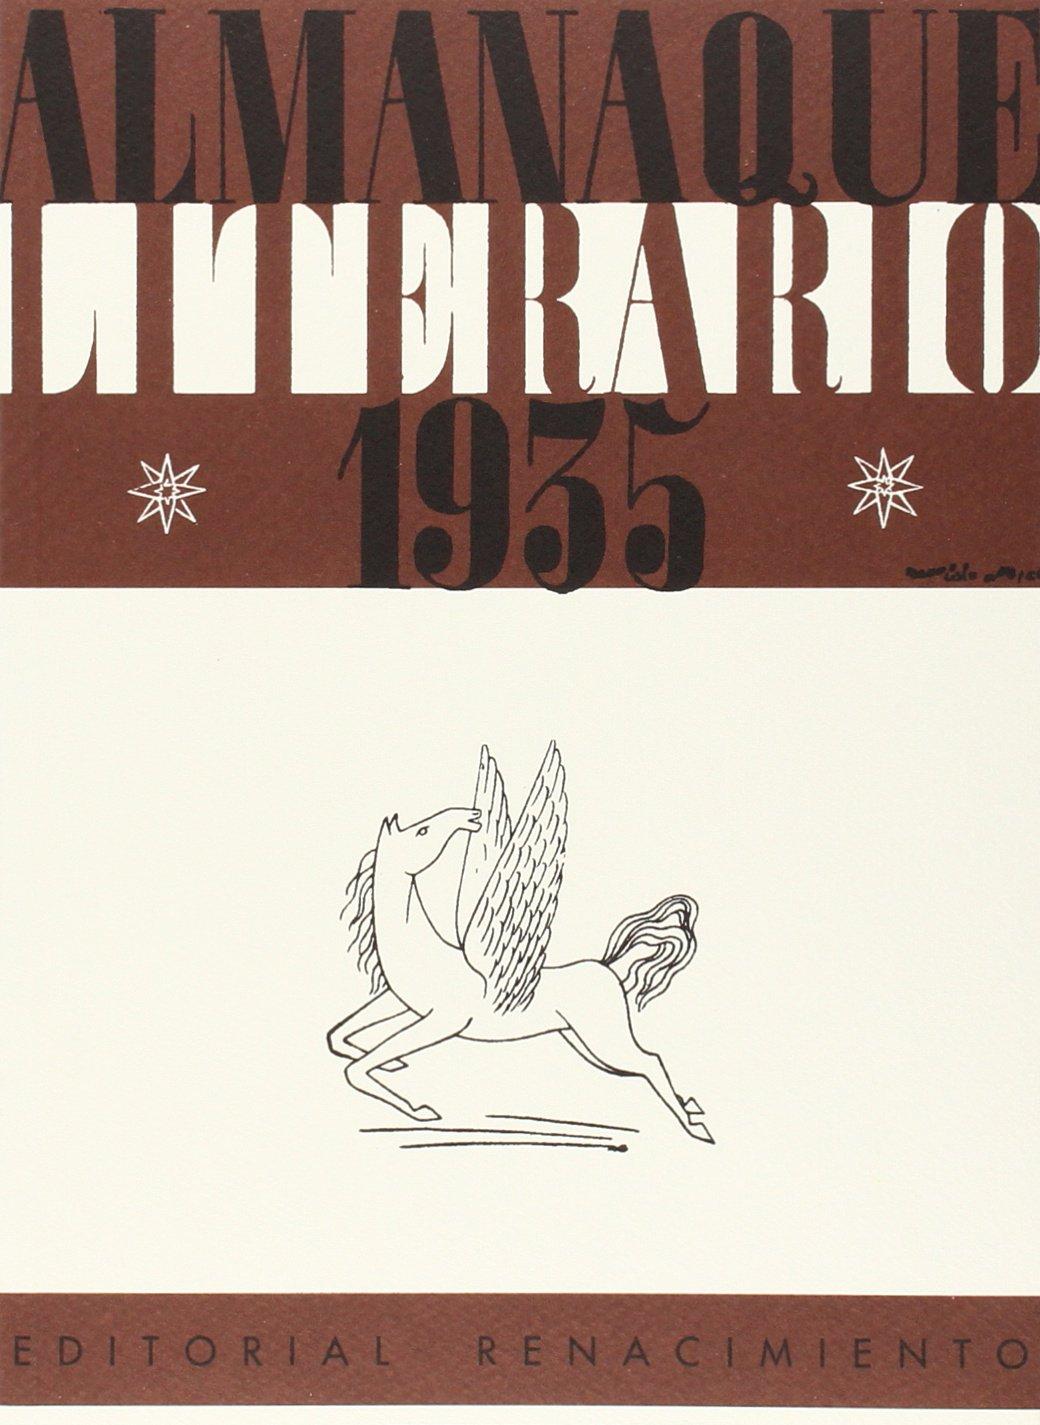 Almanaque Literario 1935 (Facsímiles): Amazon.es: Virtanen, Ricardo, Virtanen, Ricardo: Libros